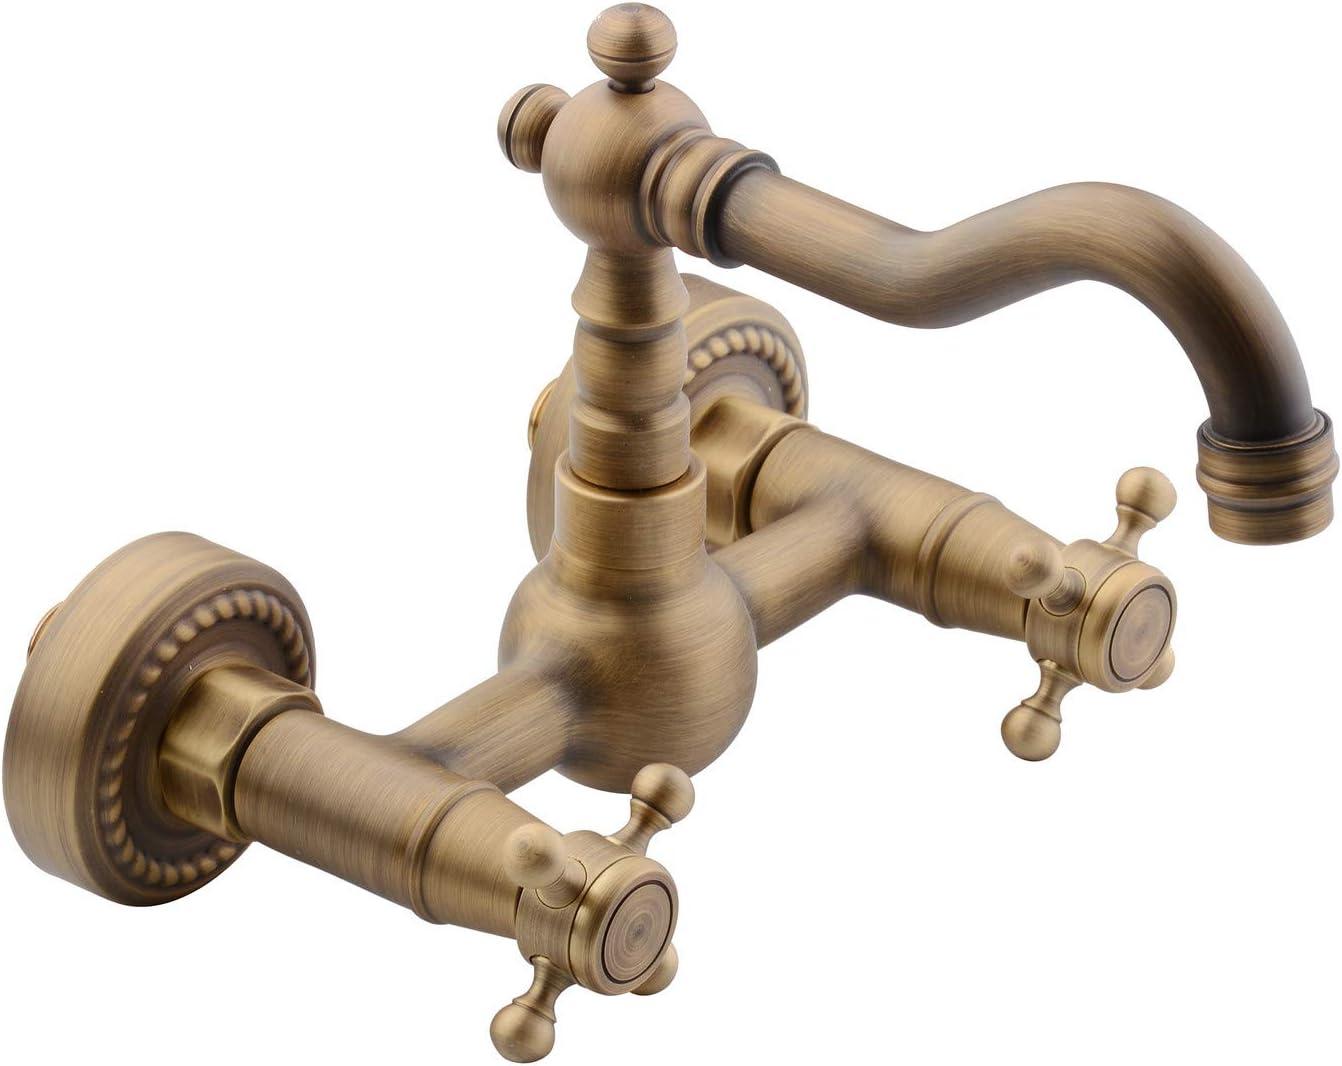 Hiendure®Wall Mounted Brass Bathtub Bathroom Sink Mixer Taps,Antique Brass Finish